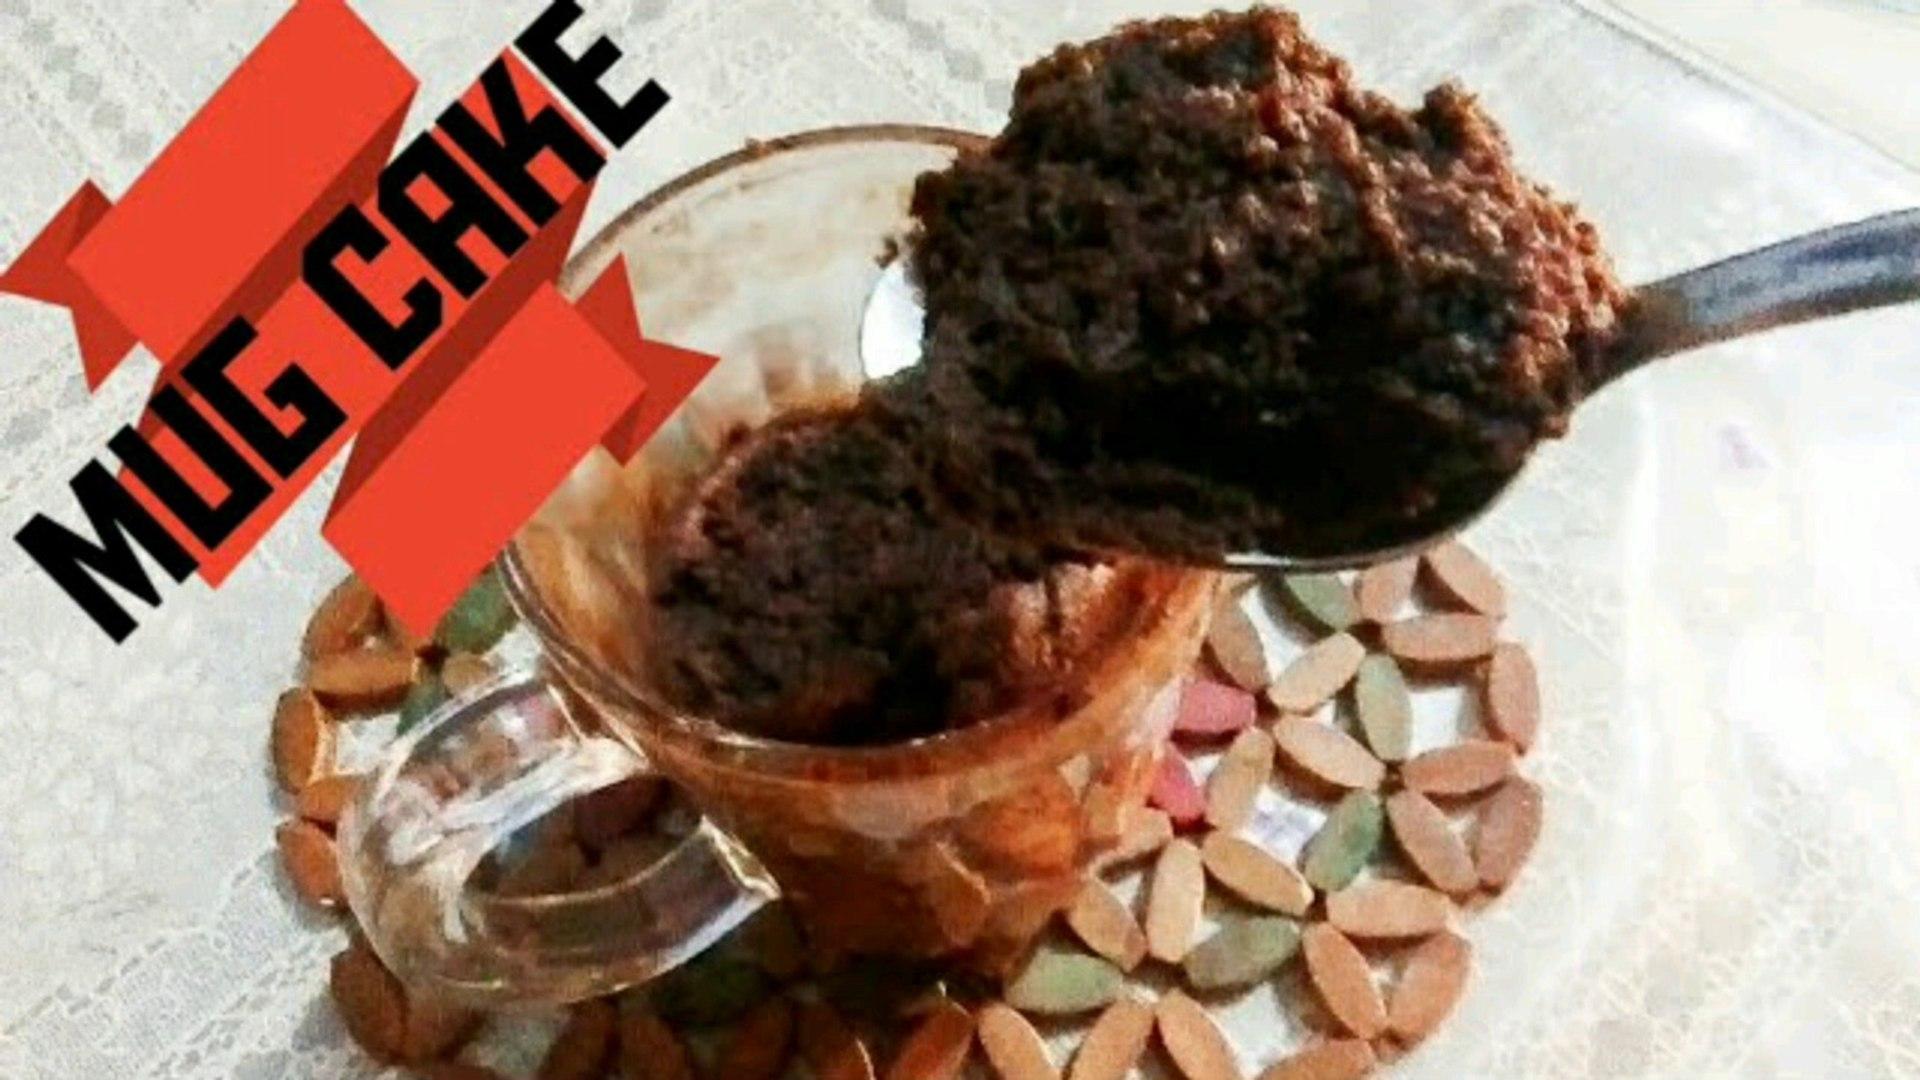 mug cake recipe - chocolate mug cake recipe - chocolate mug cake